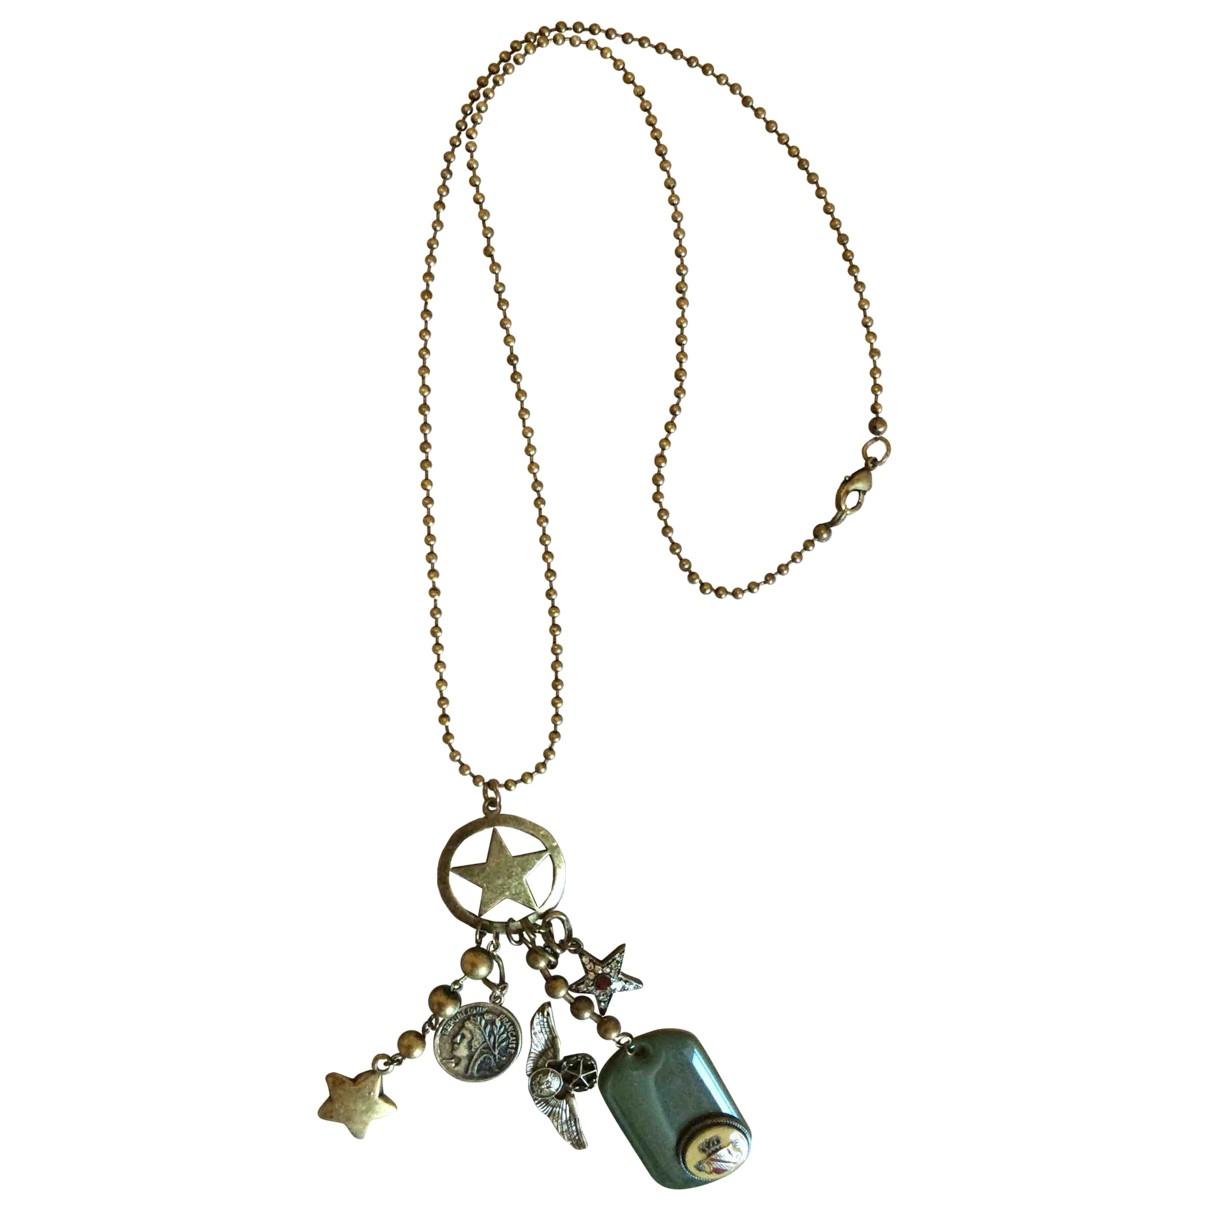 - Sautoir Medailles pour femme en metal - multicolore